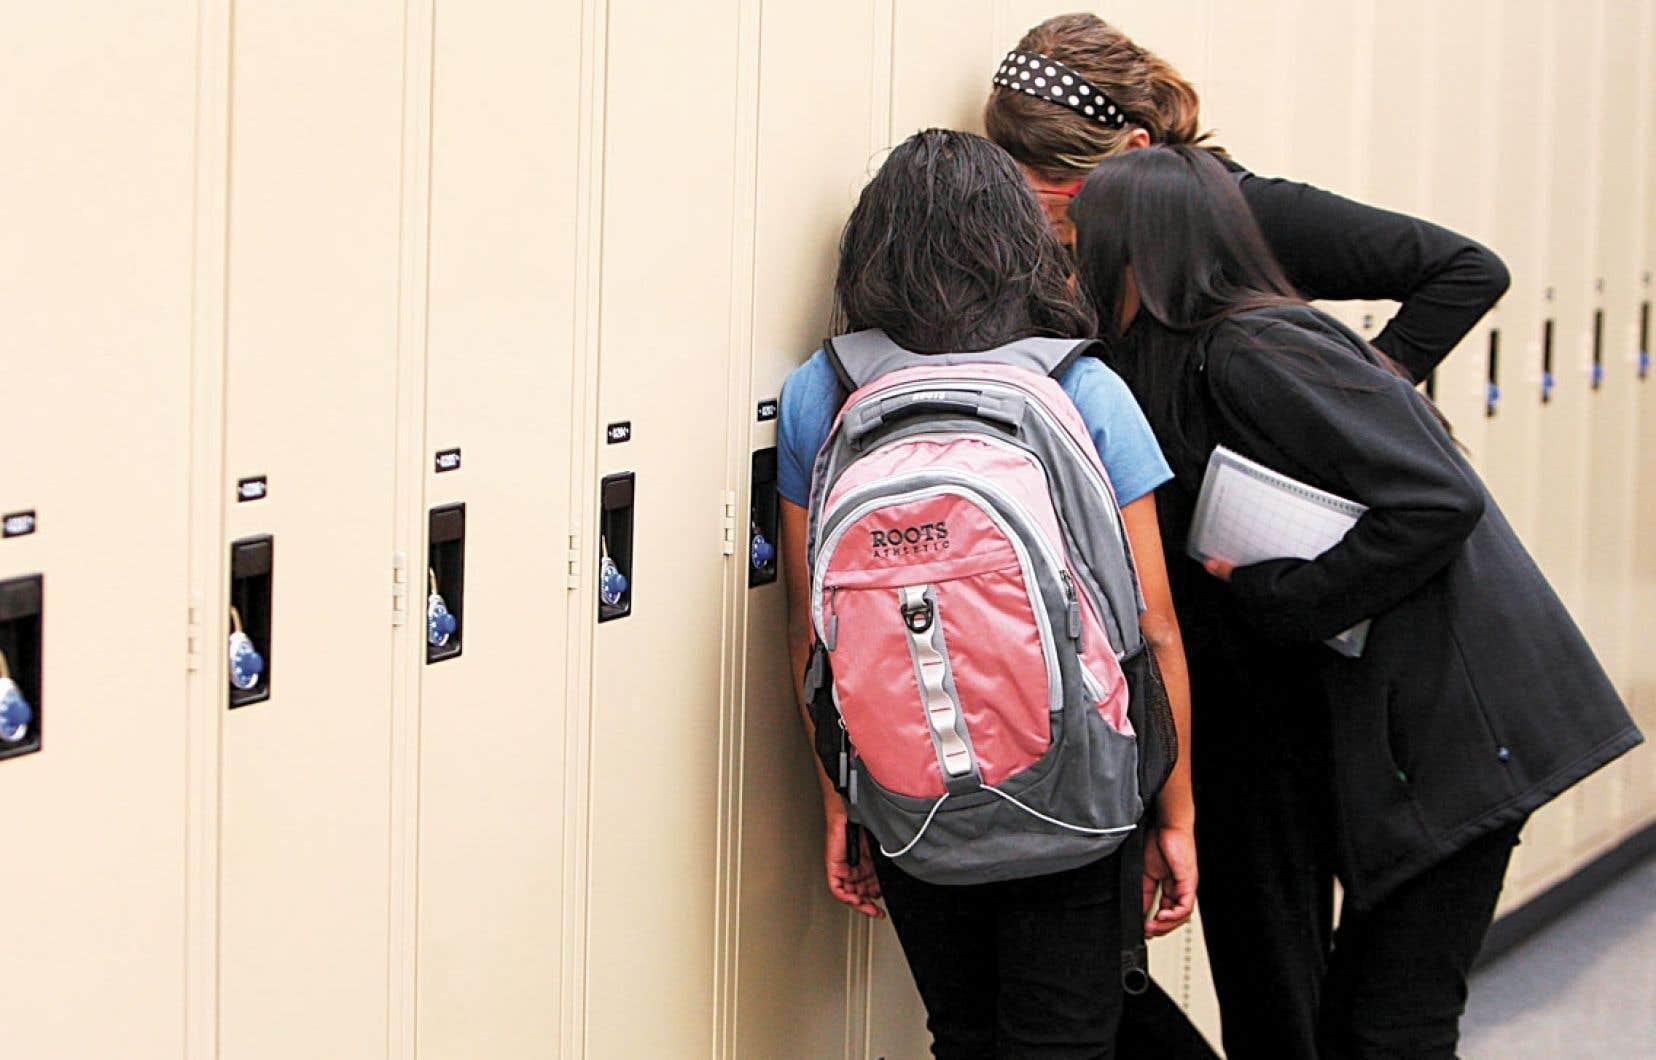 Dans l'enquête sur les réalités vécues par les élèves des écoles secondaires privées, le volet axé sur les attentes des élèves révèle que seulement 44,6 % d'entre eux se déclarent motivés dans leurs études, alors que 77,1 % ont donné cette réponse dans un sondage identique réalisé en 2001.